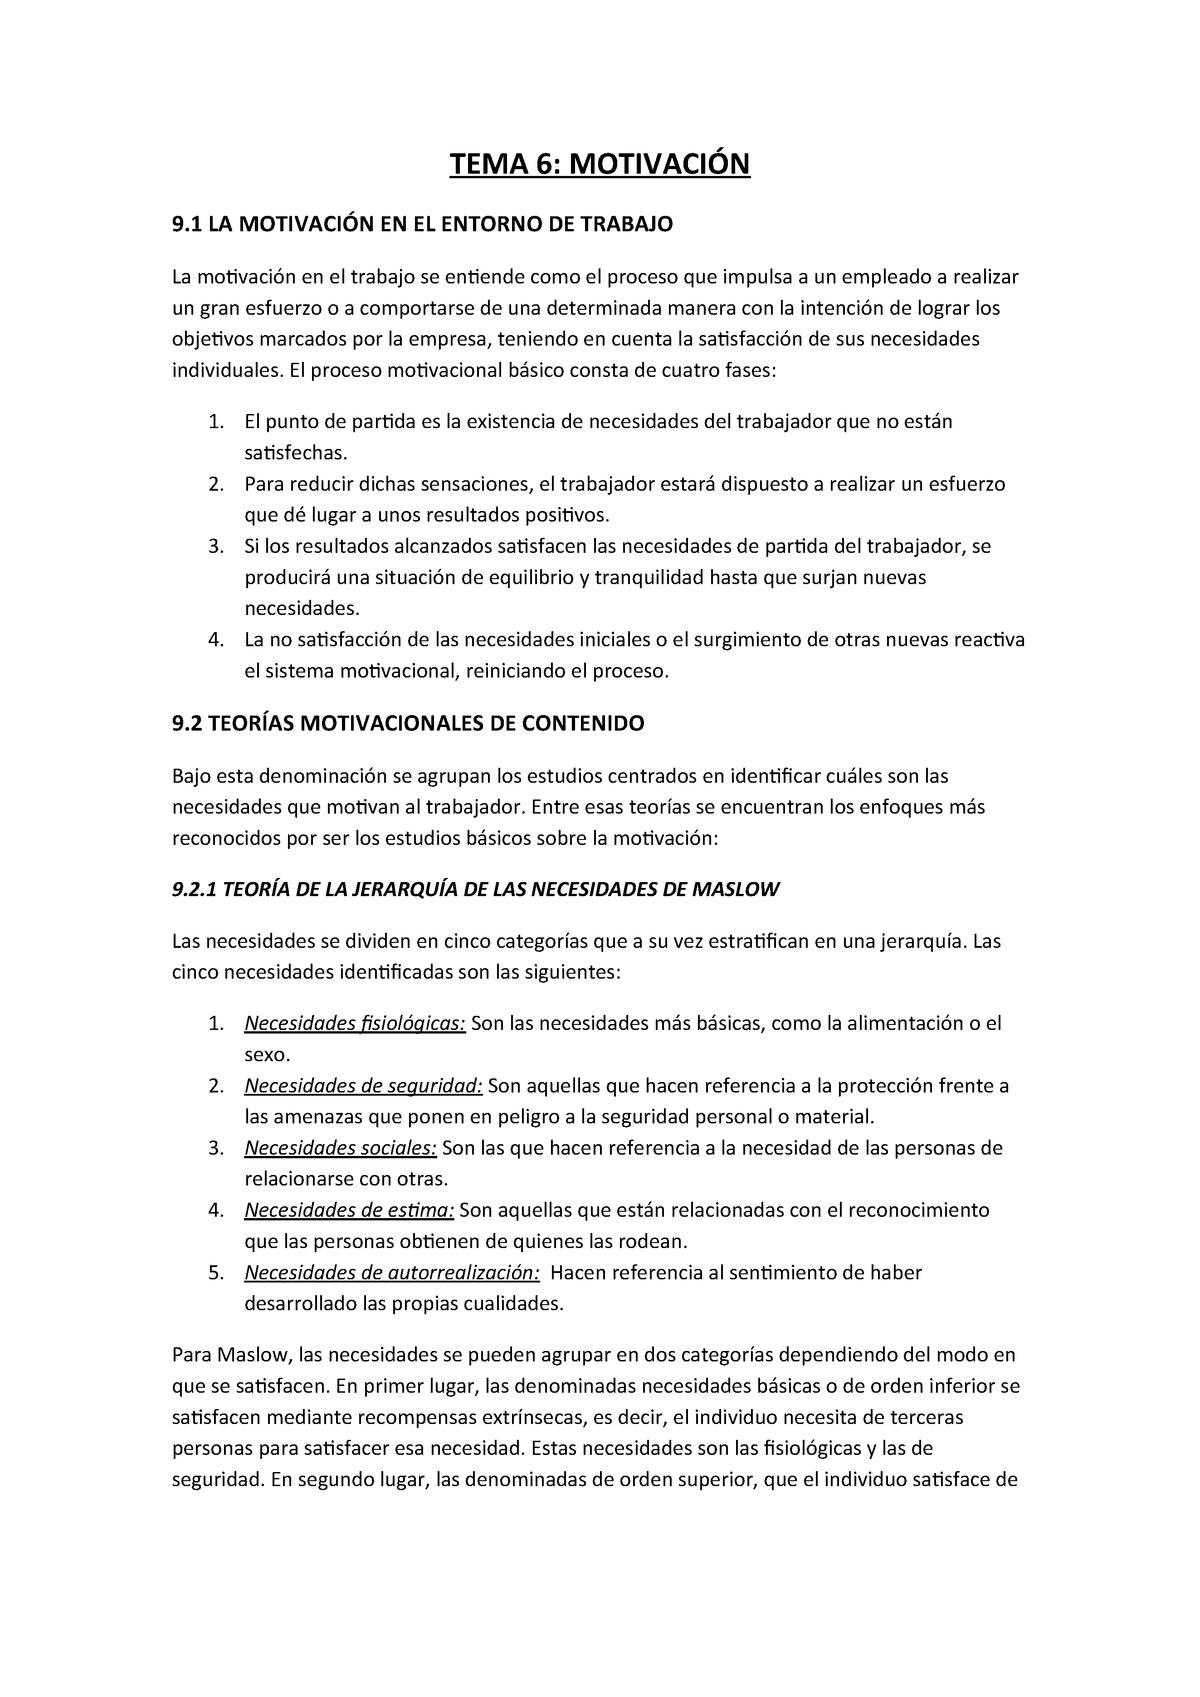 Dirección Y Administración De Empresas Apuntes Tema 6